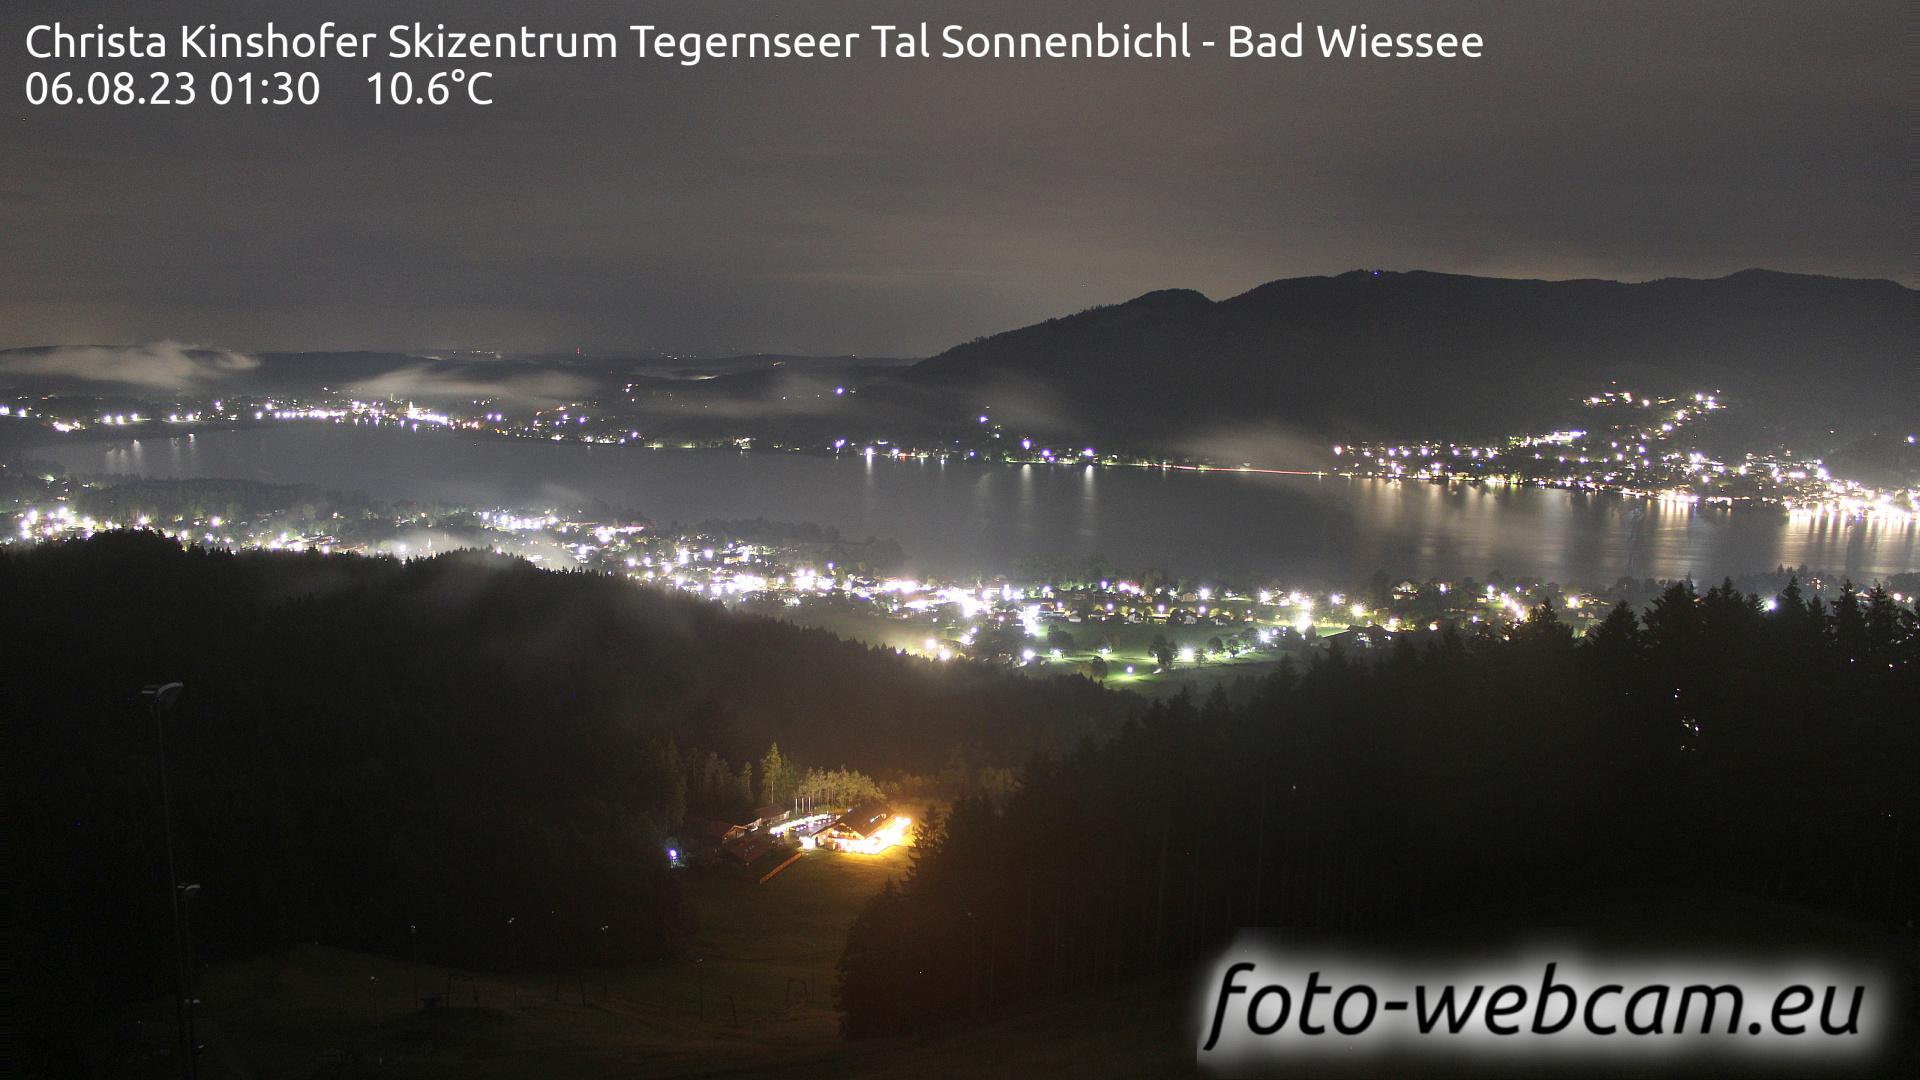 Bad Wiessee Wed. 01:48